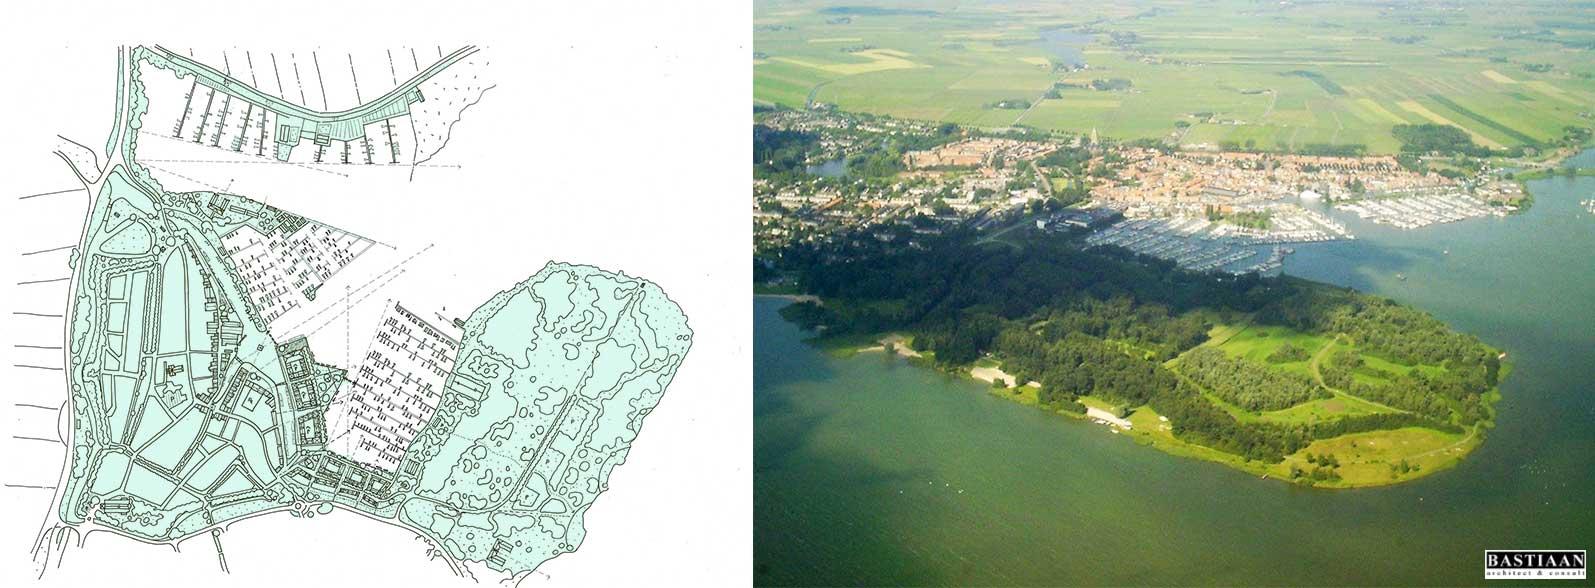 herbestemming havengebiedenstedenbouw | landschap | gebiedsontwikkeling